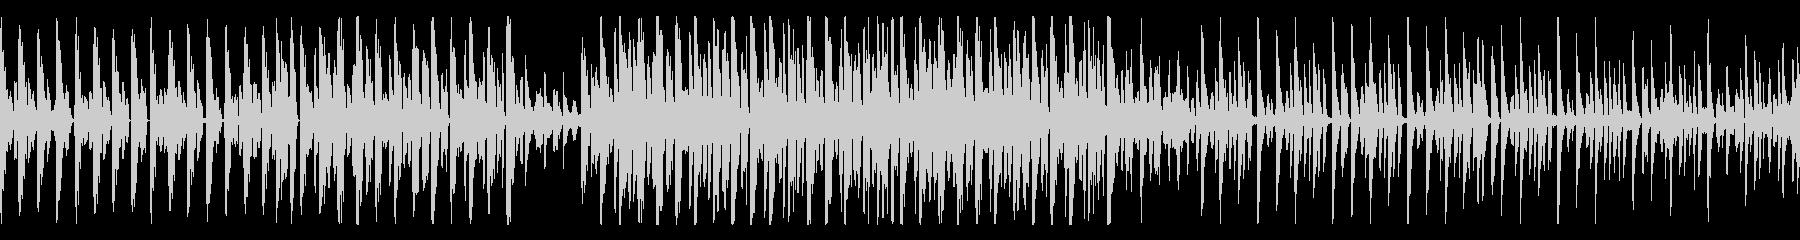 [ループ可能]ポップなダンサブル楽曲の未再生の波形